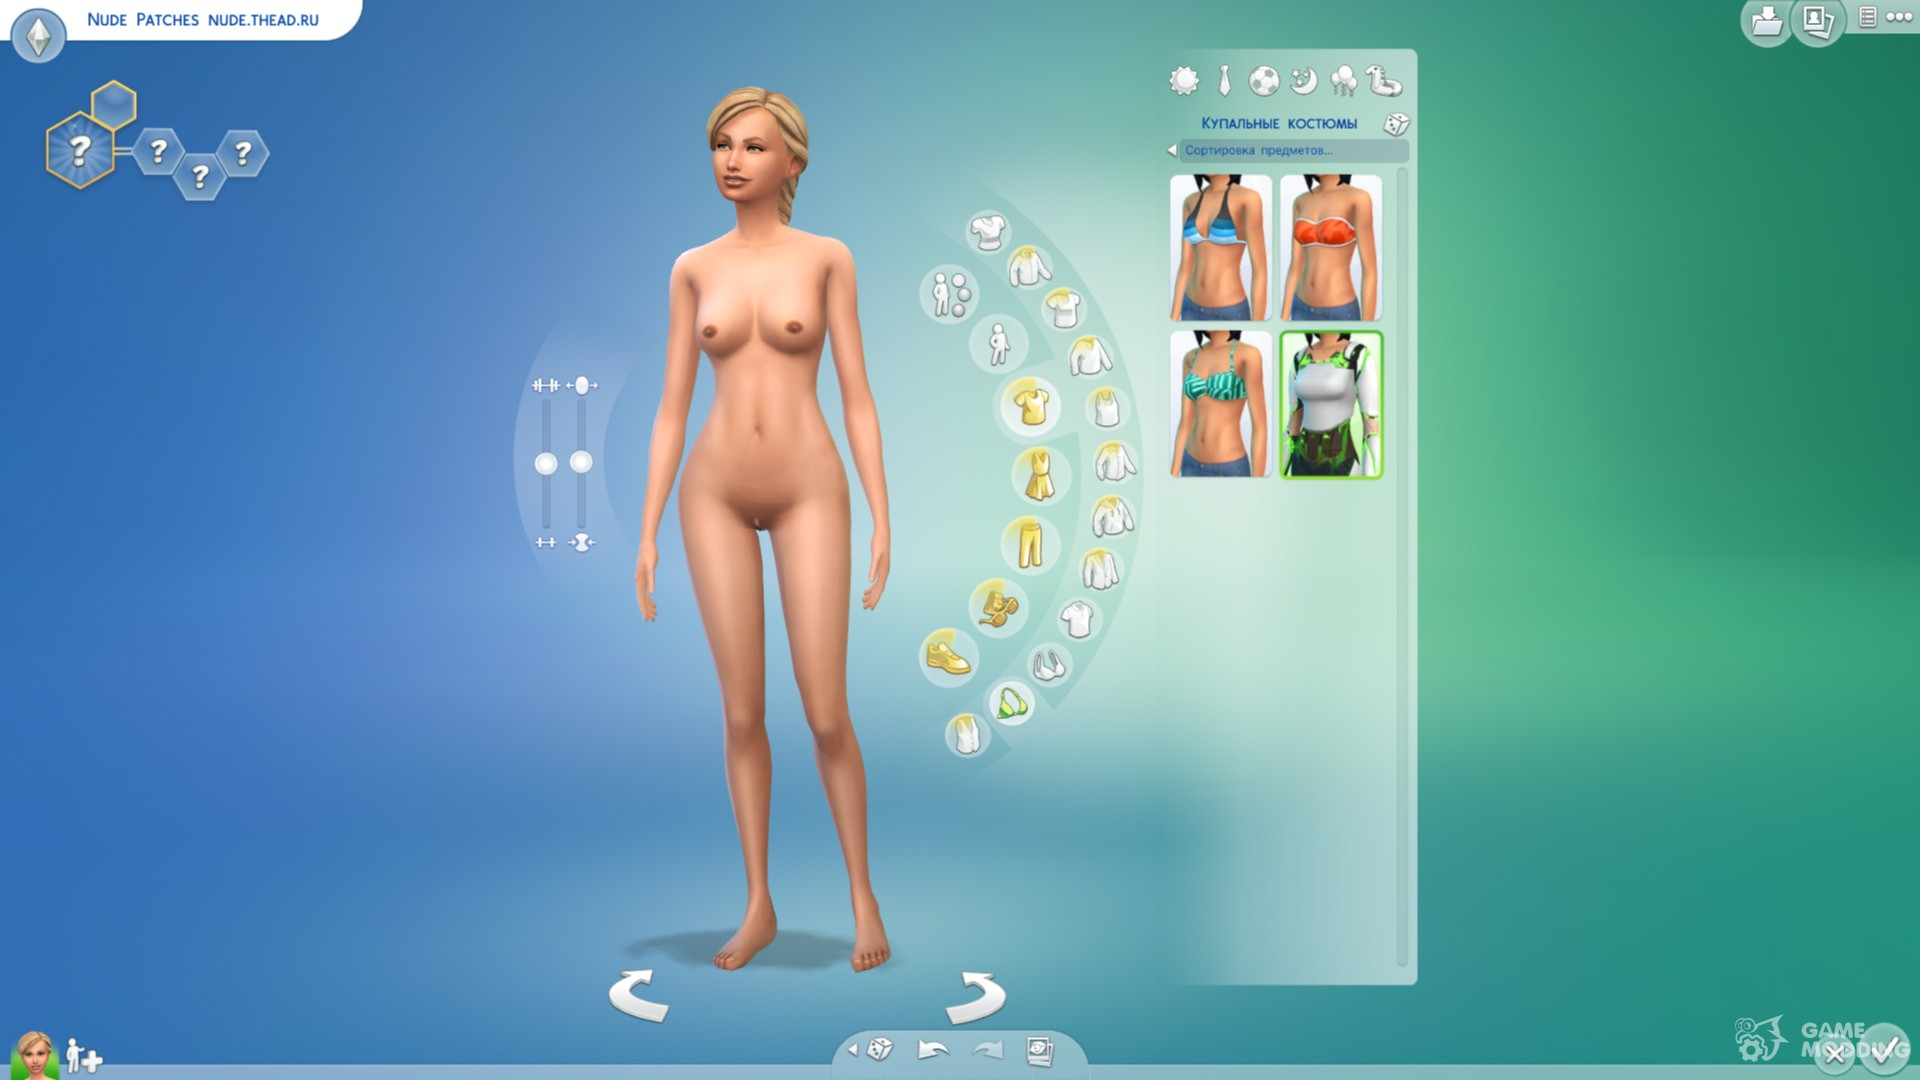 nude egyptian women gif